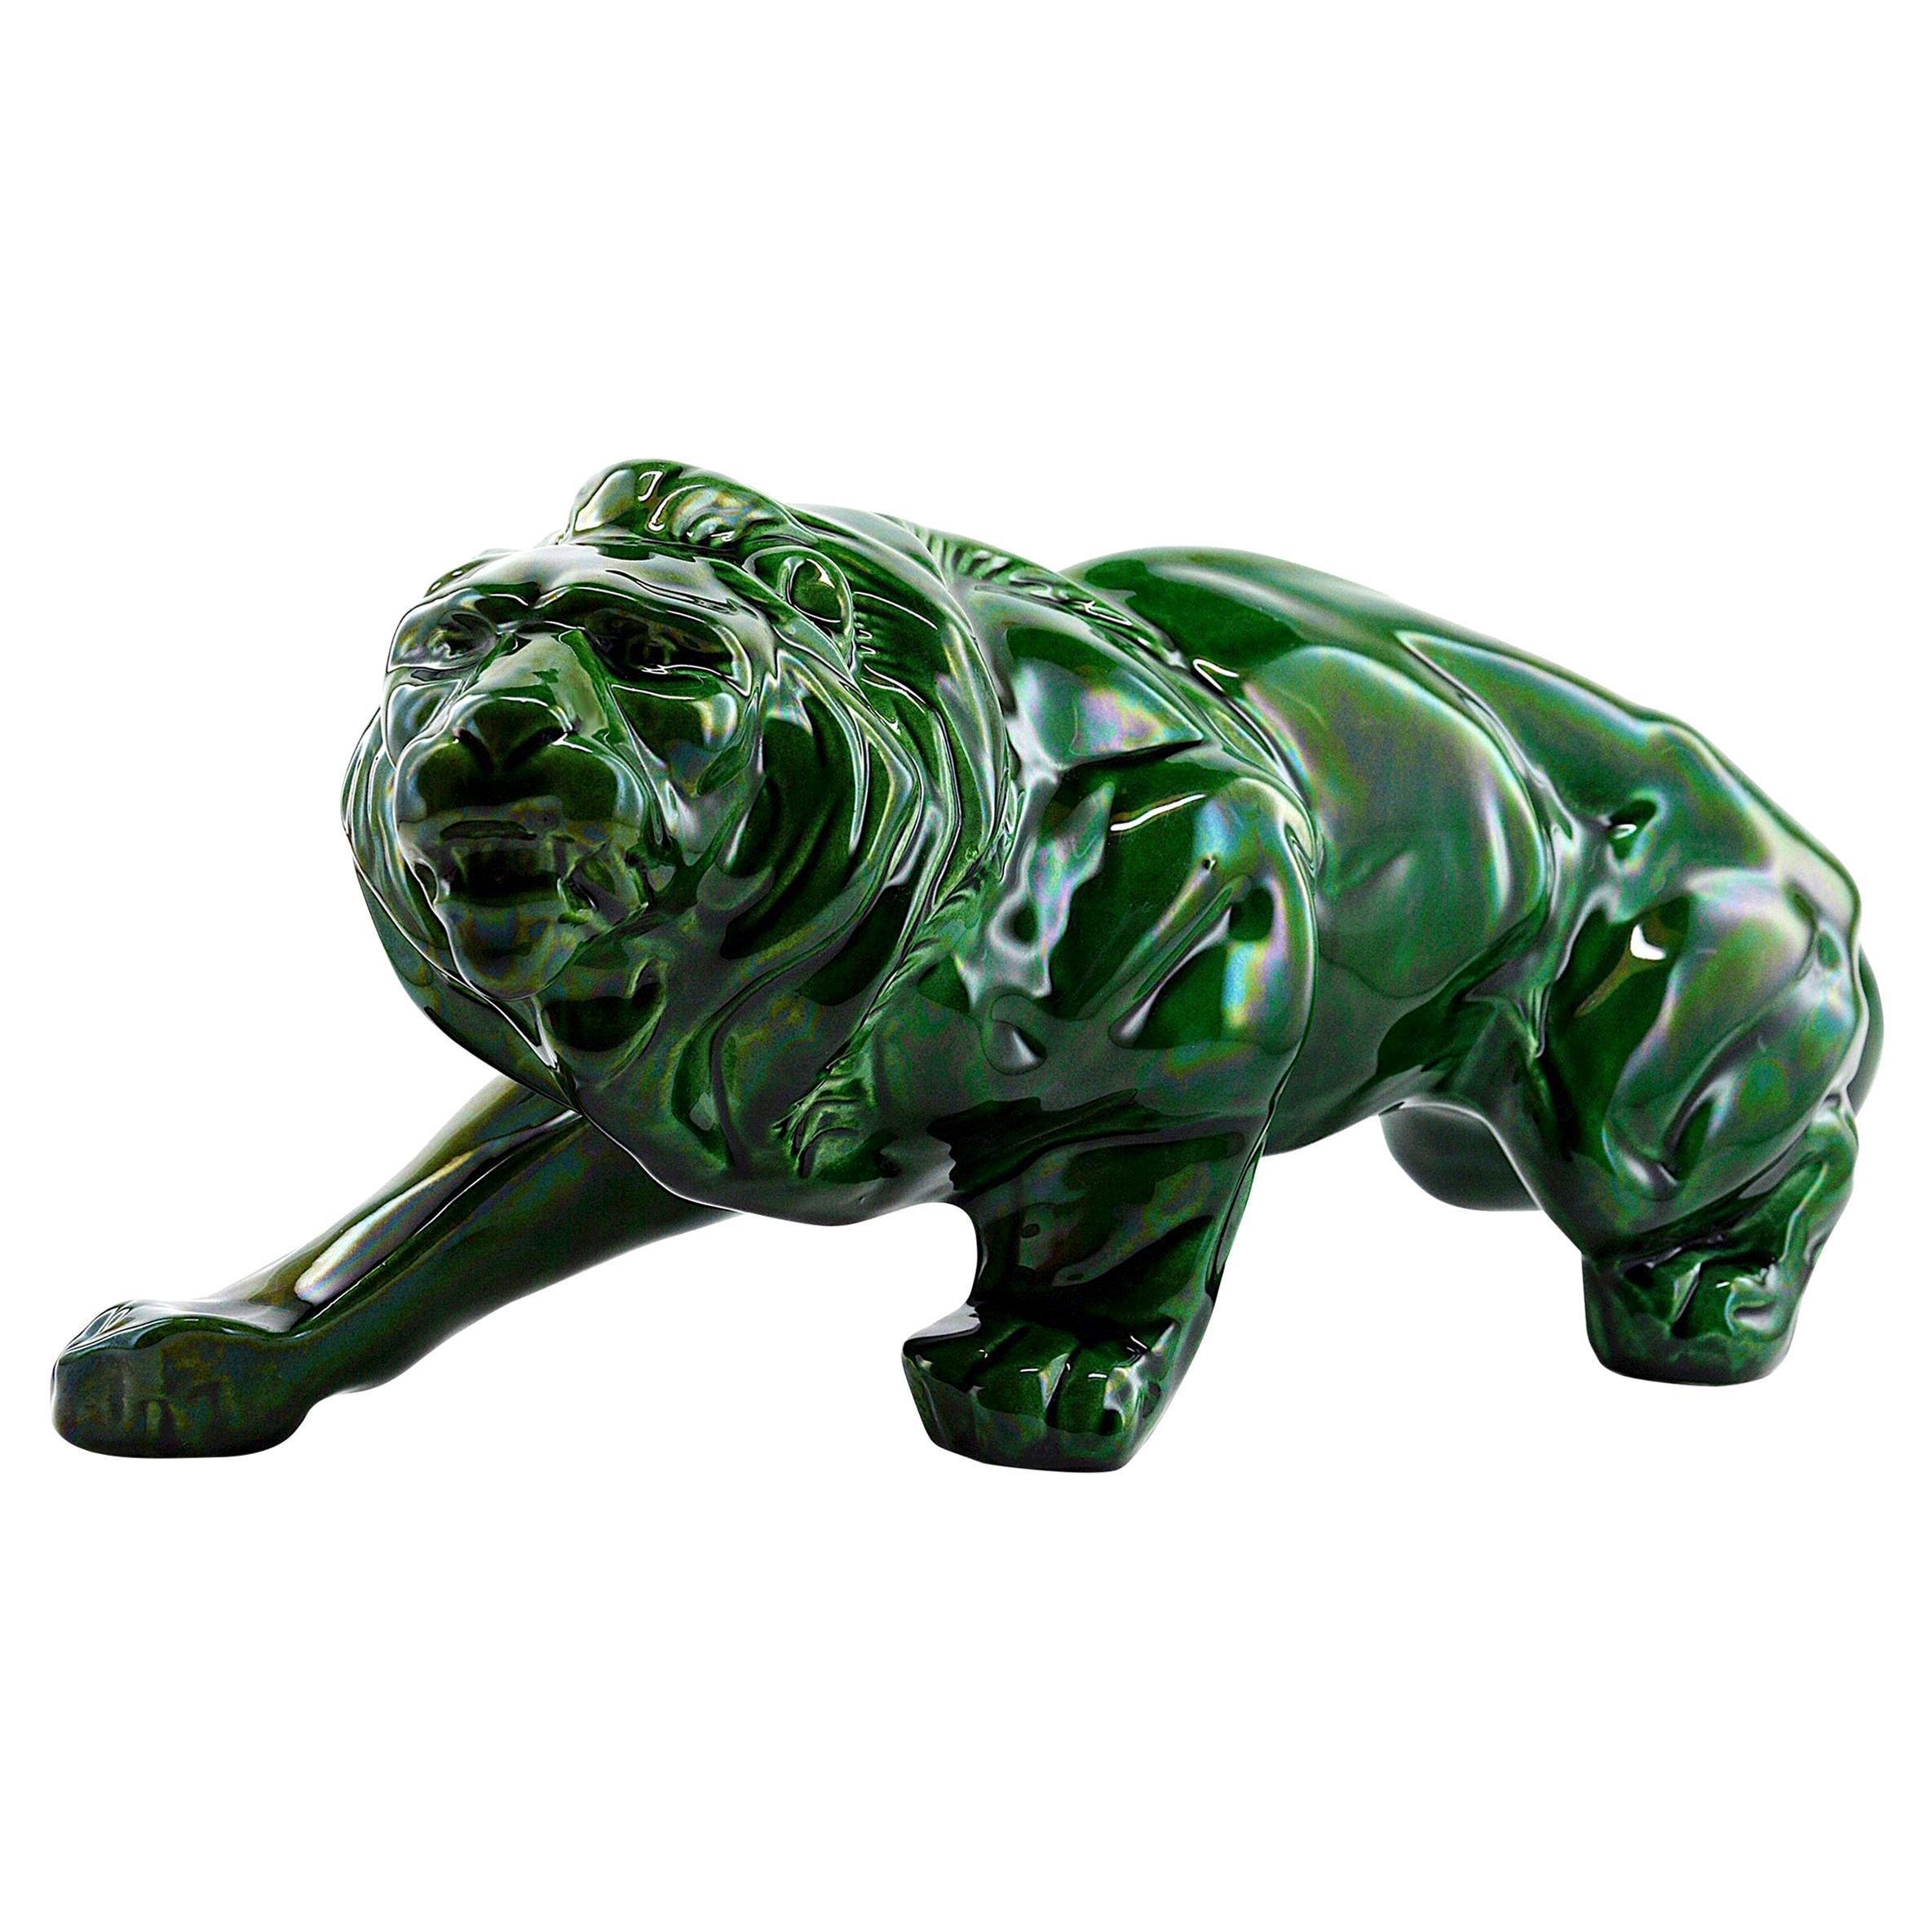 French Art Deco Ceramic Lion Sculpture, 1930s